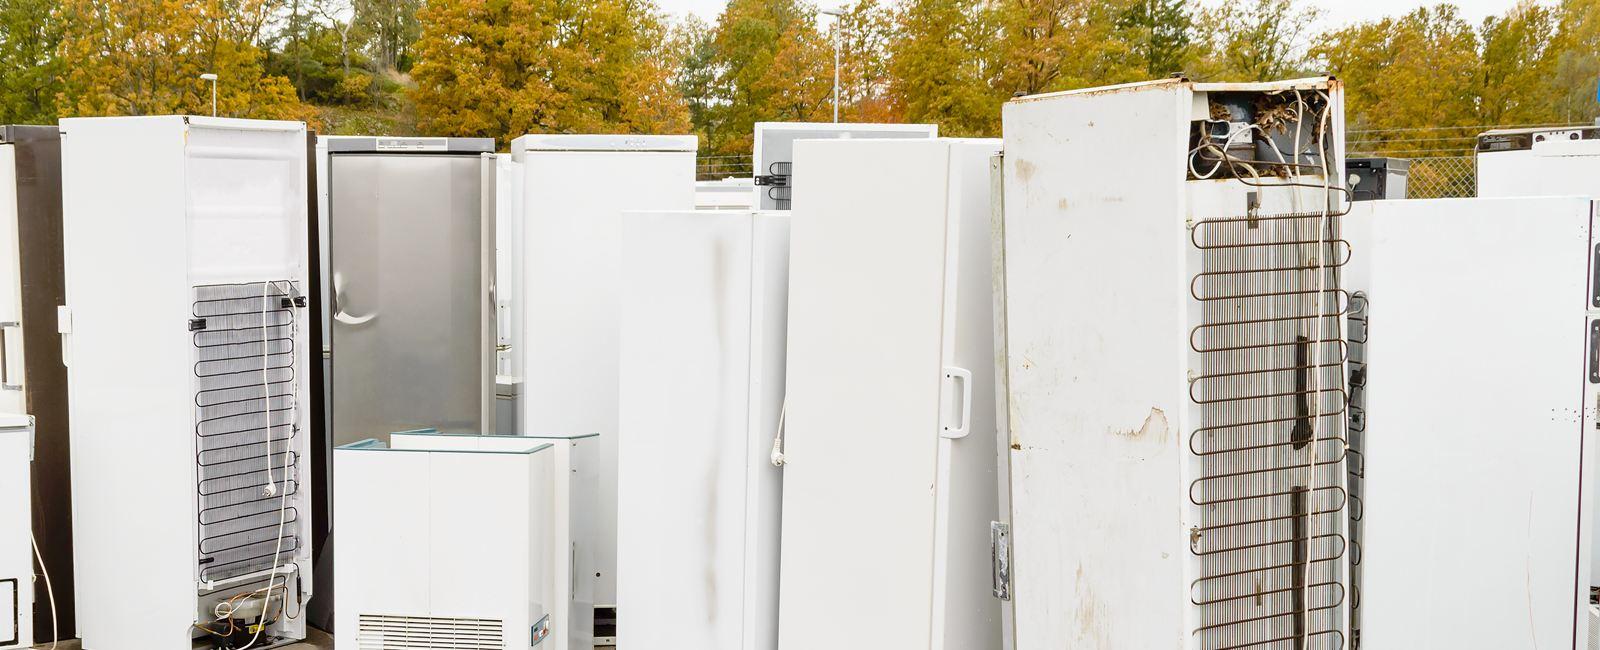 Как разобрать и сдать холодильник на металлолом?